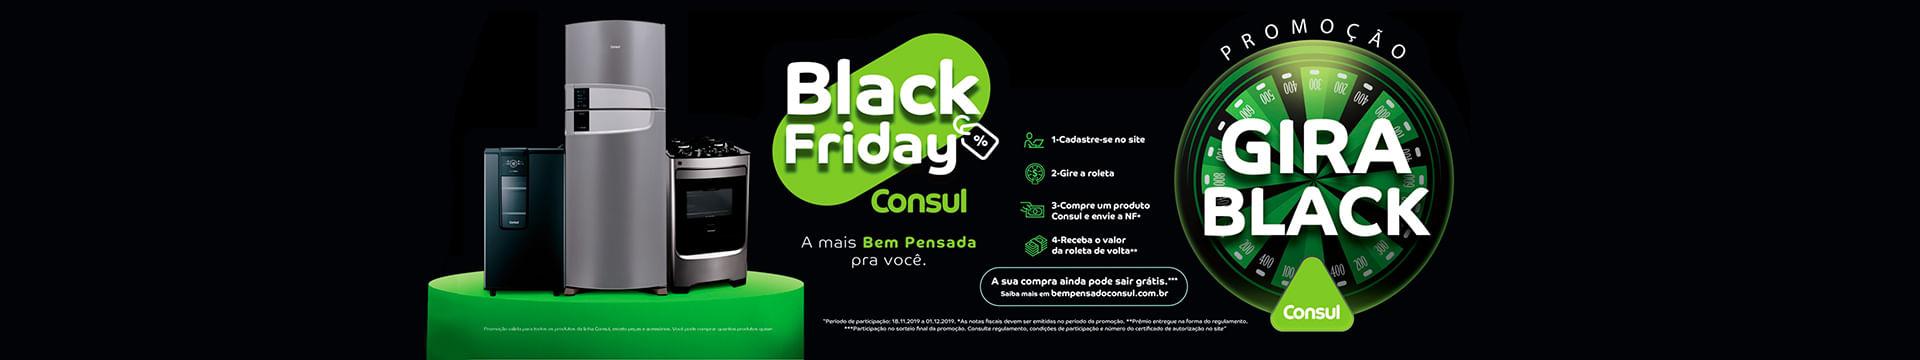 Black Friday Consul